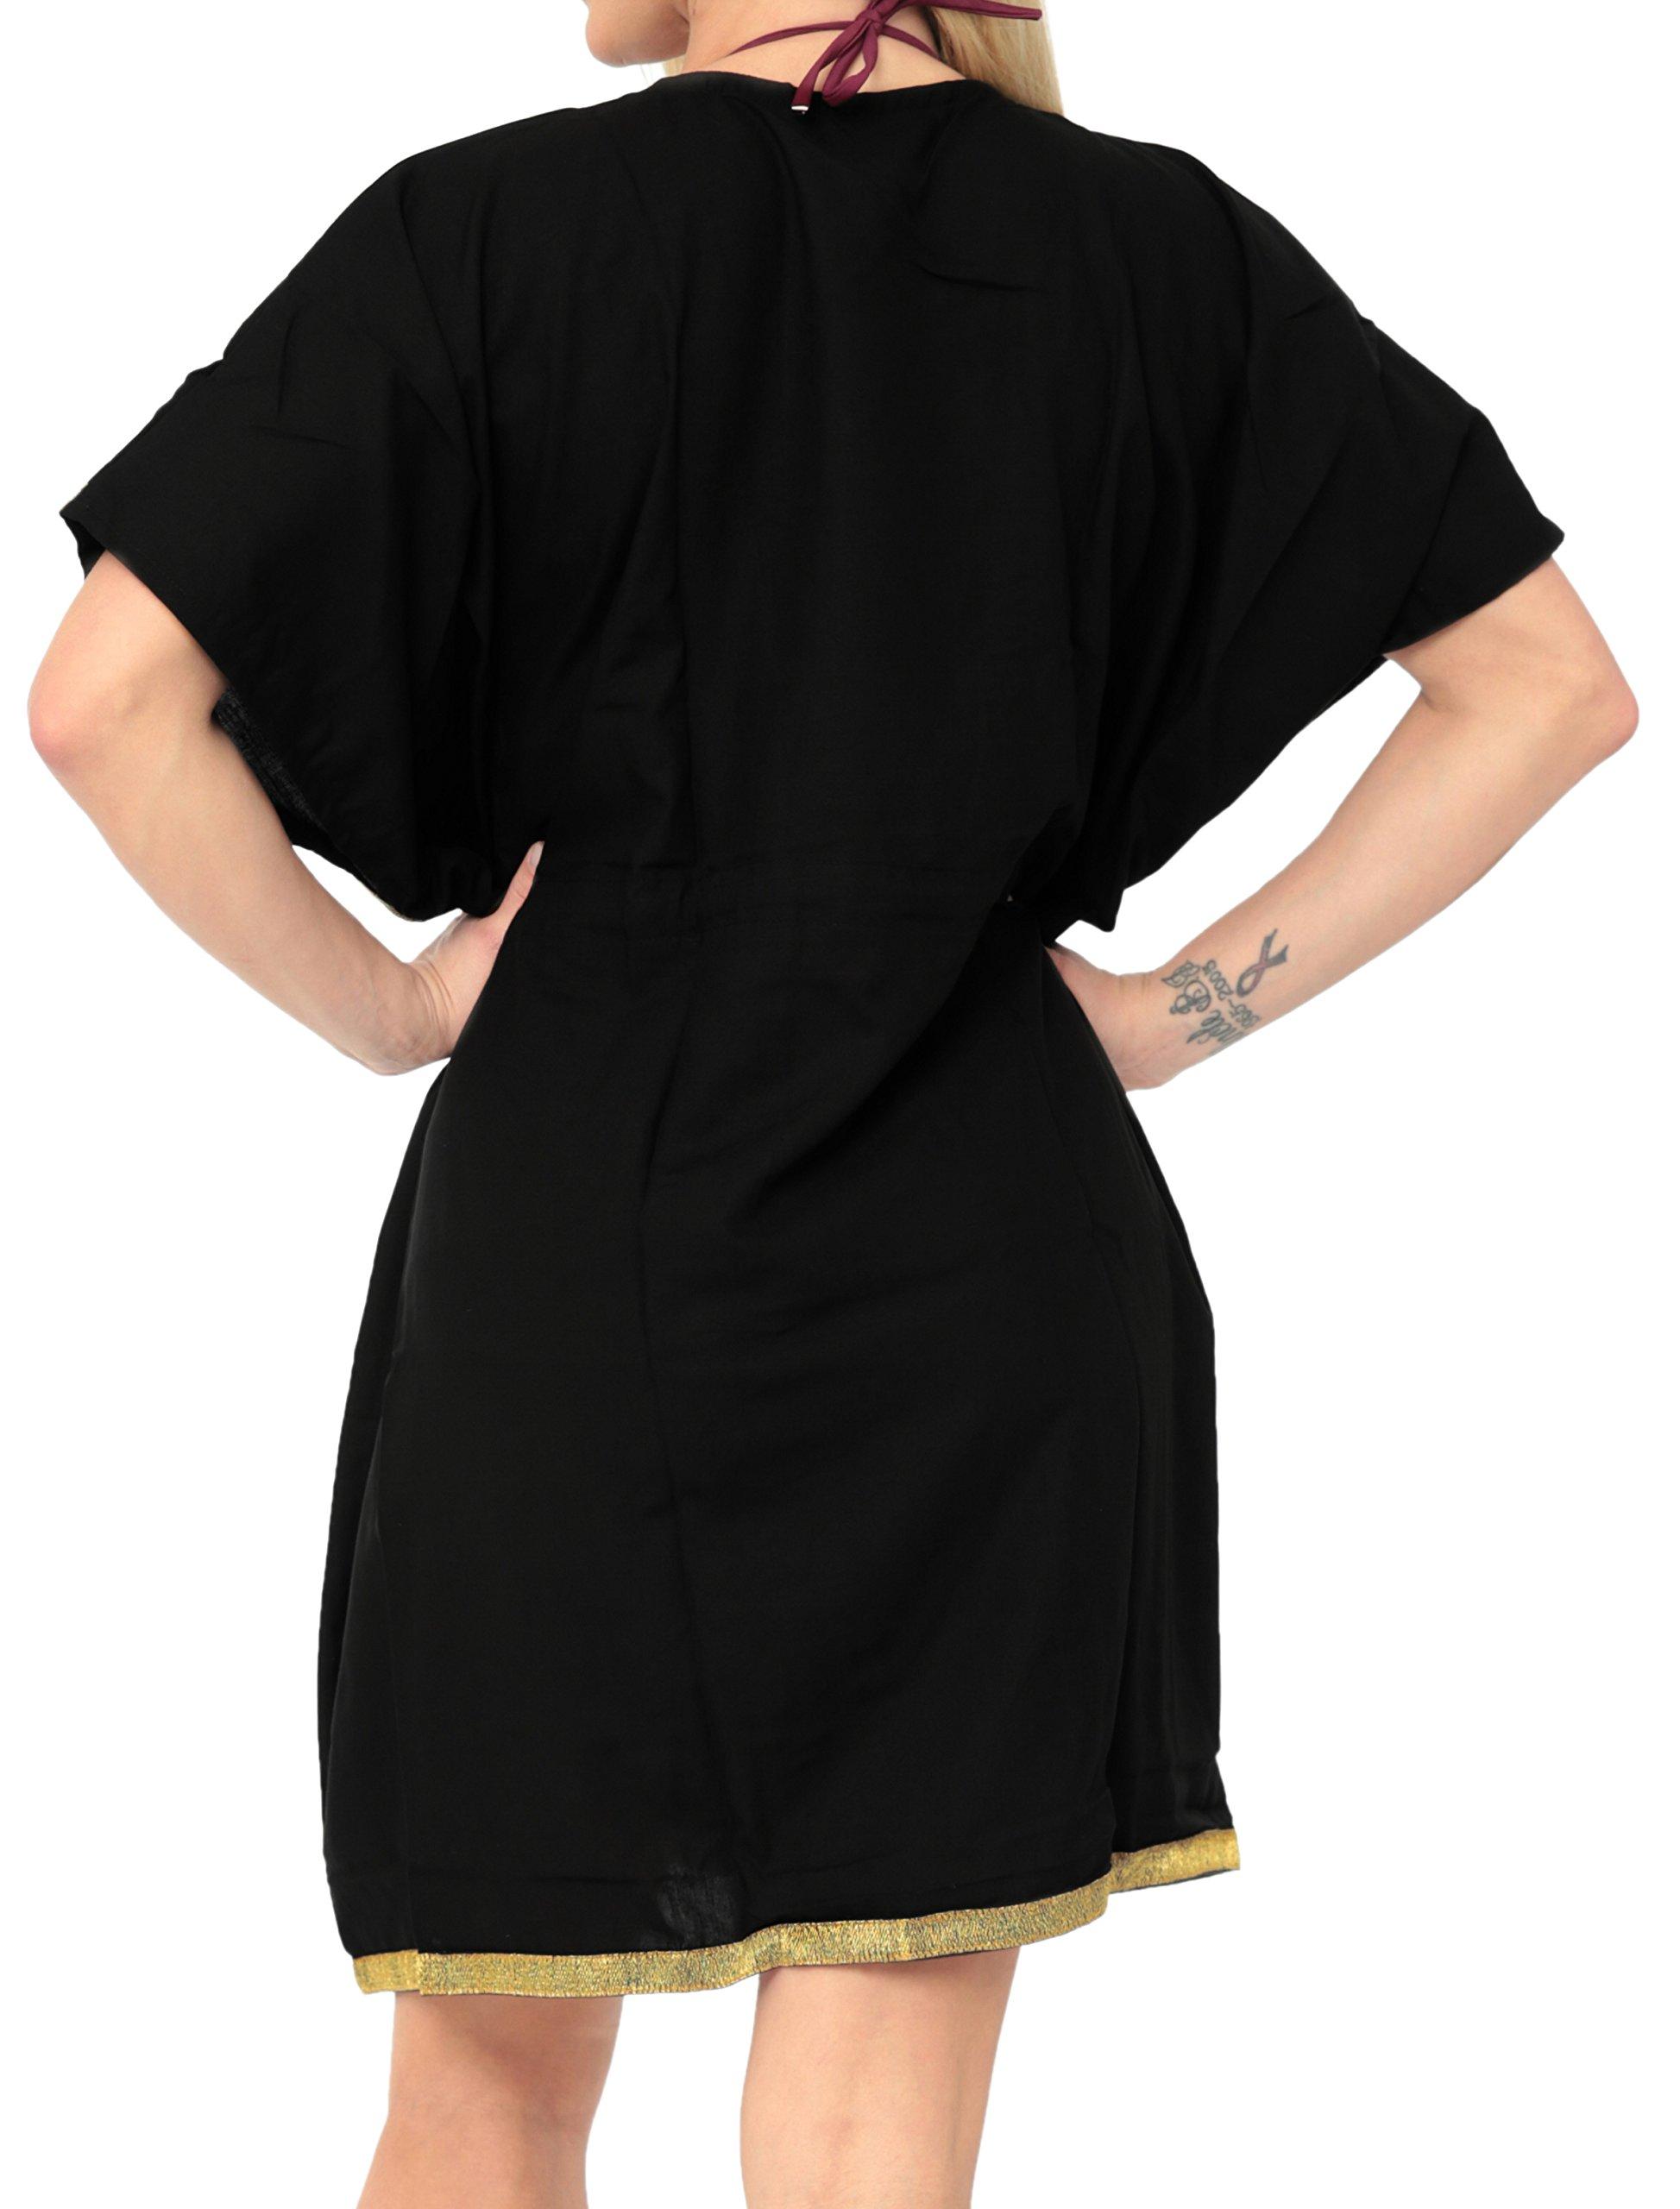 LA LEELA Copricostume Mare Cardigan Donna Taglie Forti- Vintage Rayon Estivo Scialle Elegante Solido Kimono Vestito… 2 spesavip